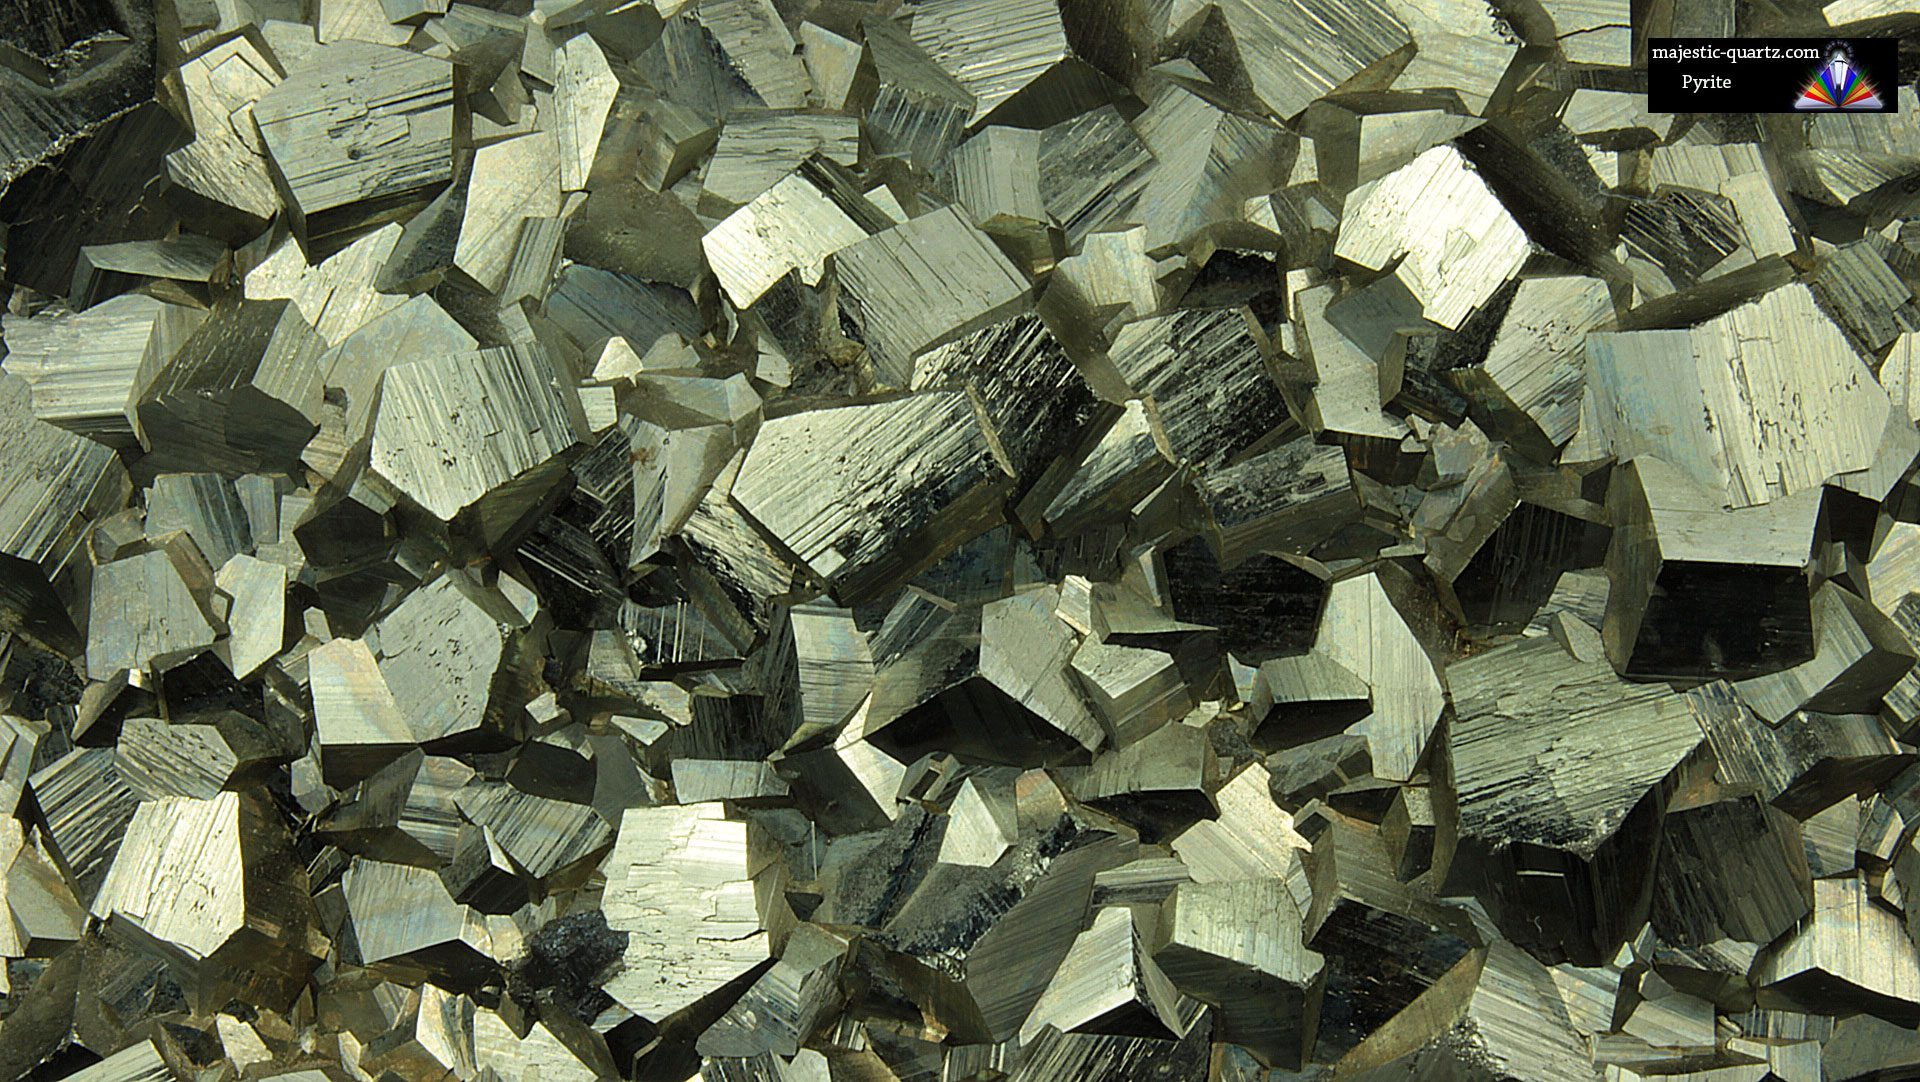 Pyrite Crystal Specimen - Mineral Specimen